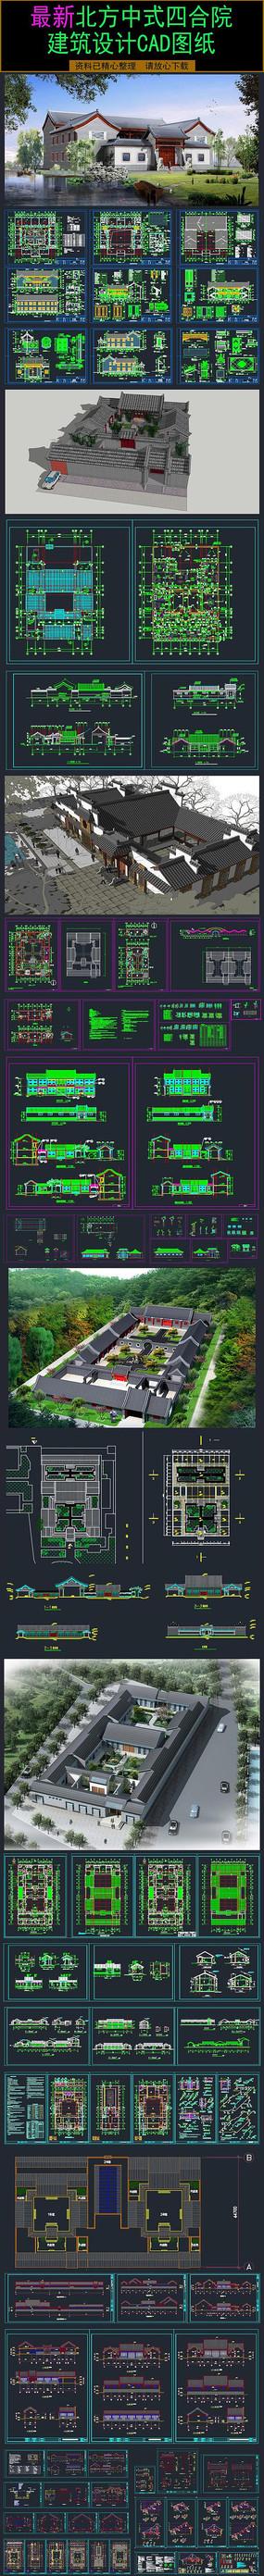 中式四合院建筑设计图纸